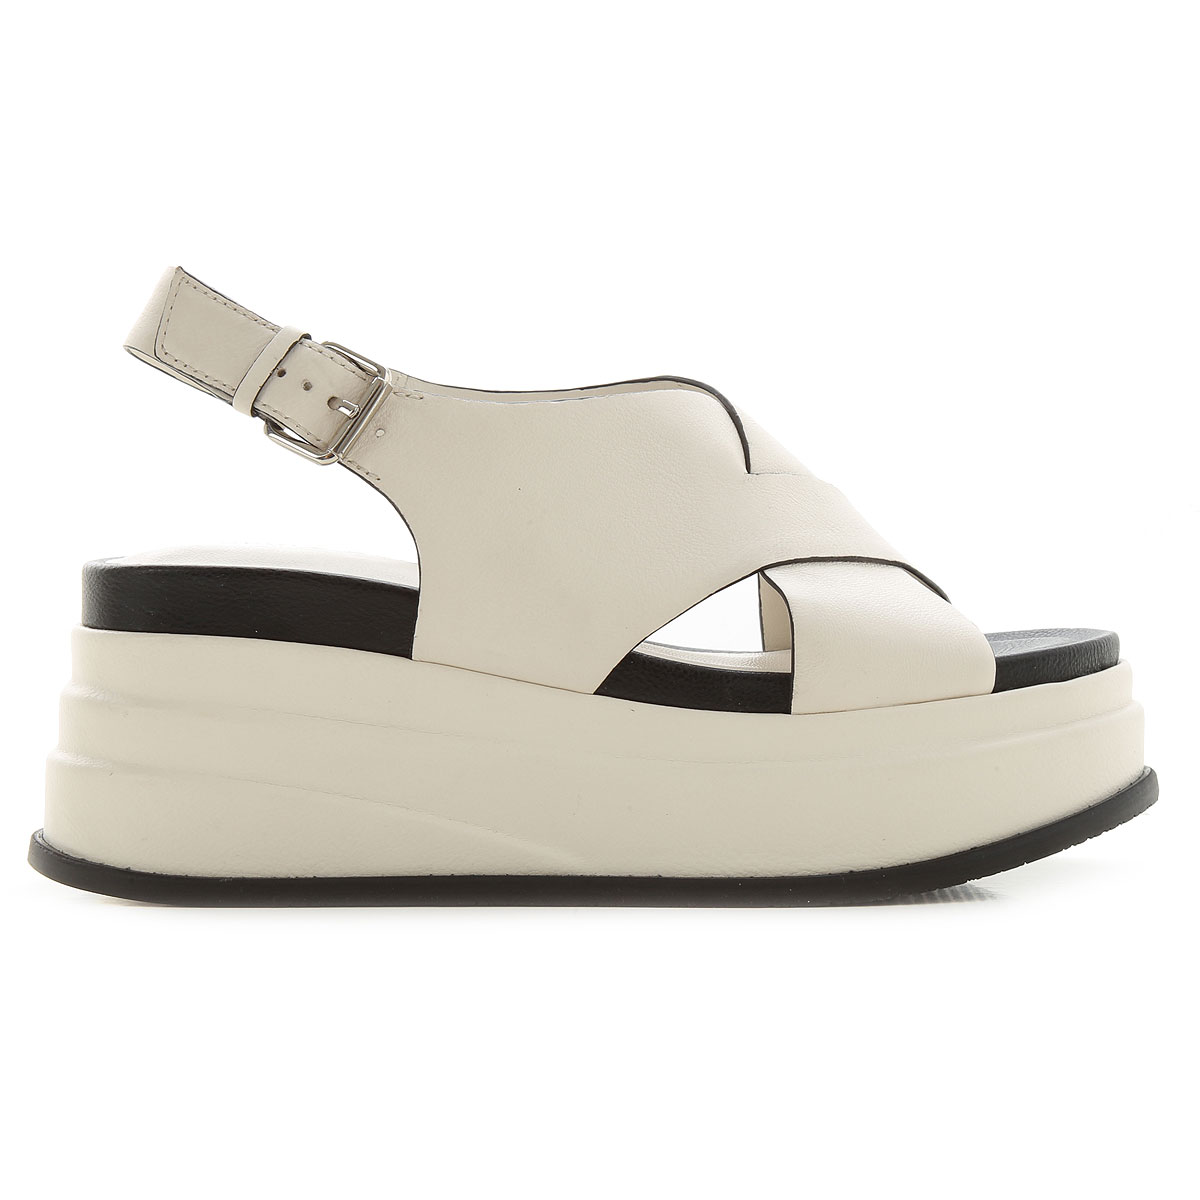 Details about  /Women/'s shoes ELVIO ZANON 6 EU 36 sandals brown leather BK831-36